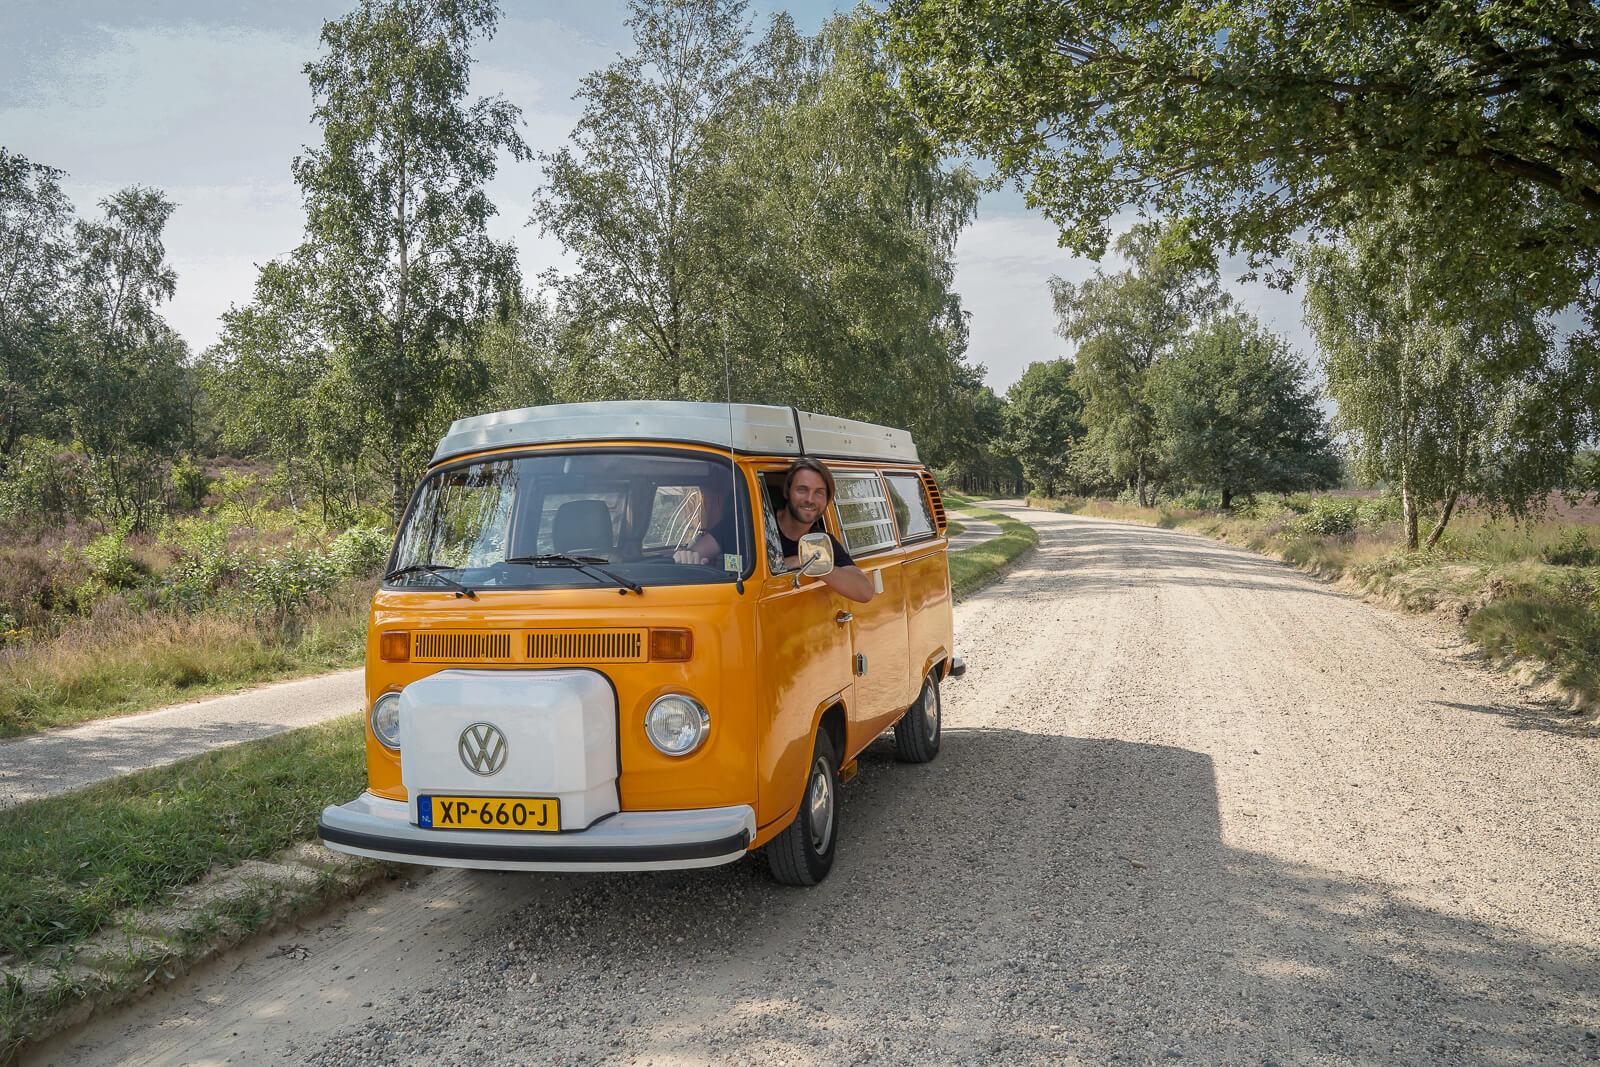 Huur een toffe retro Volkswagen camper bij Goboony